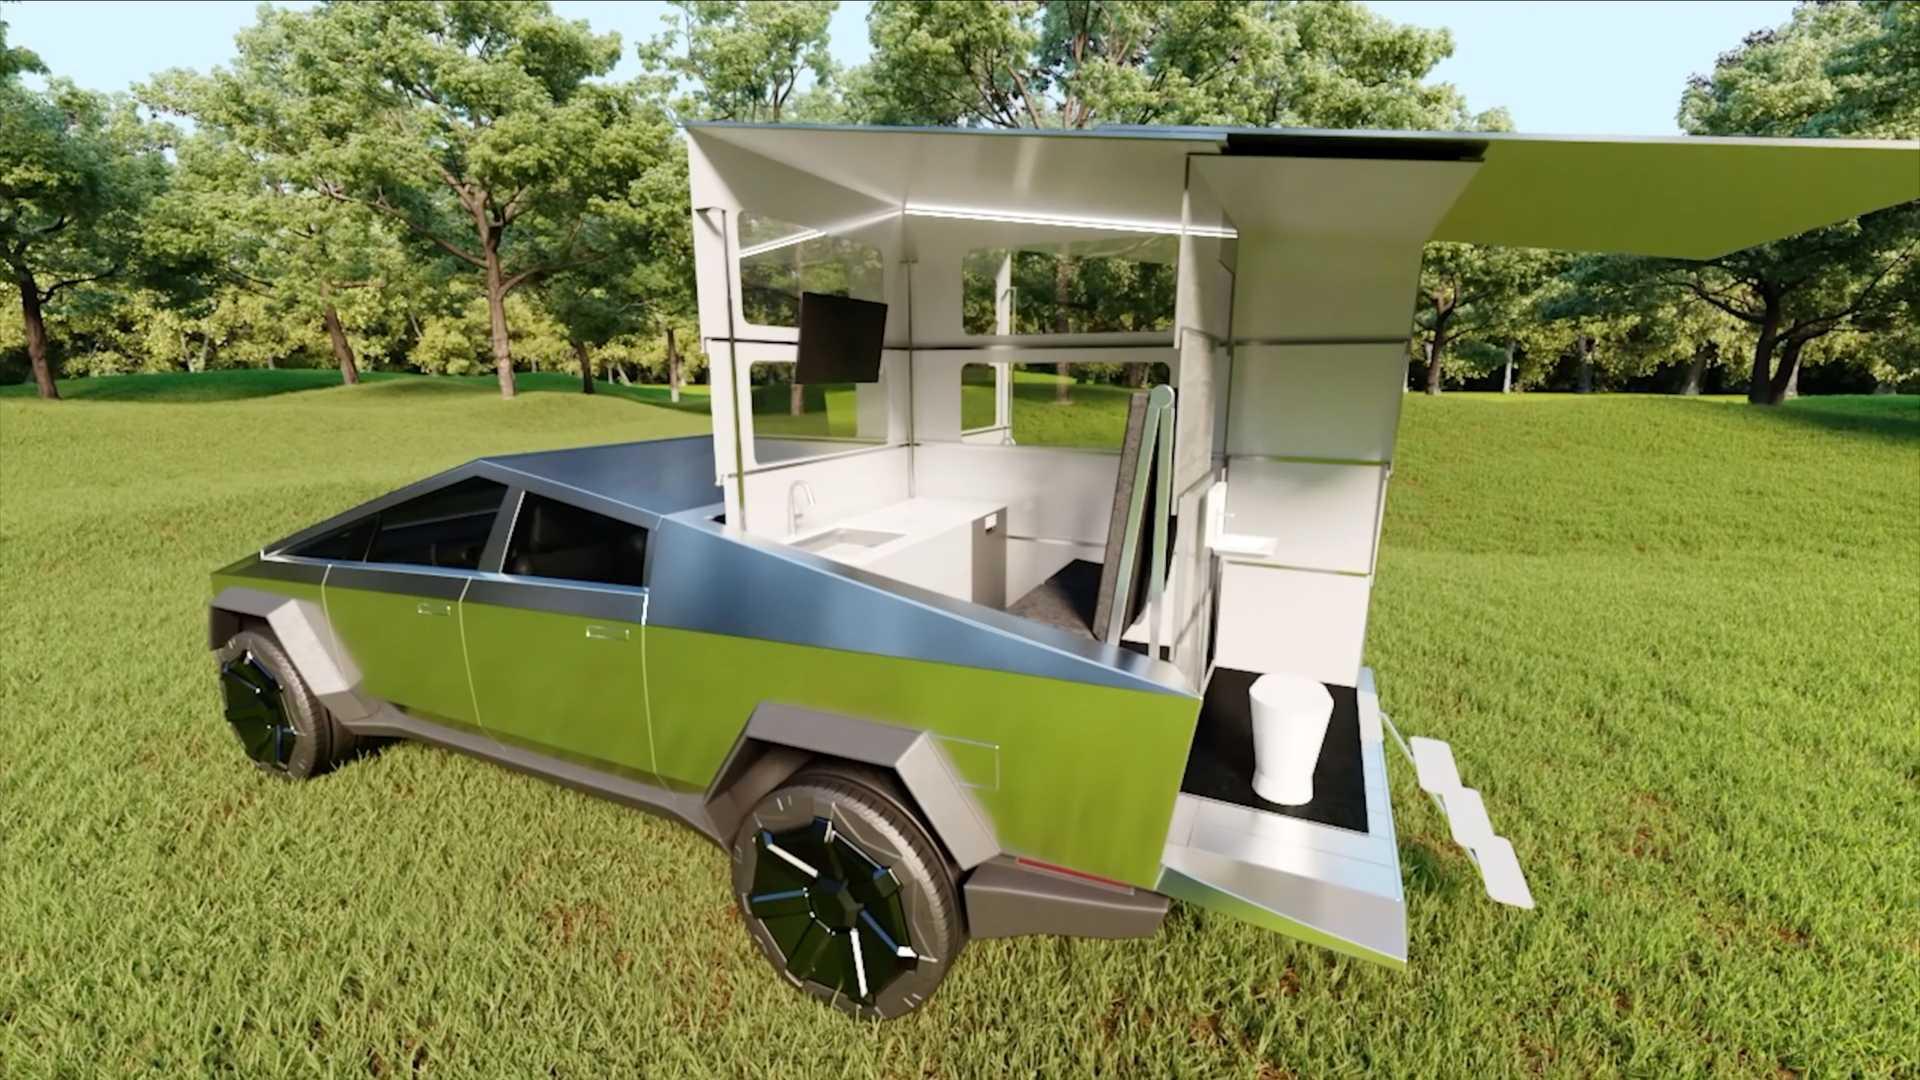 CyberLandr-Camper-For-Tesla-Cybertruck-7